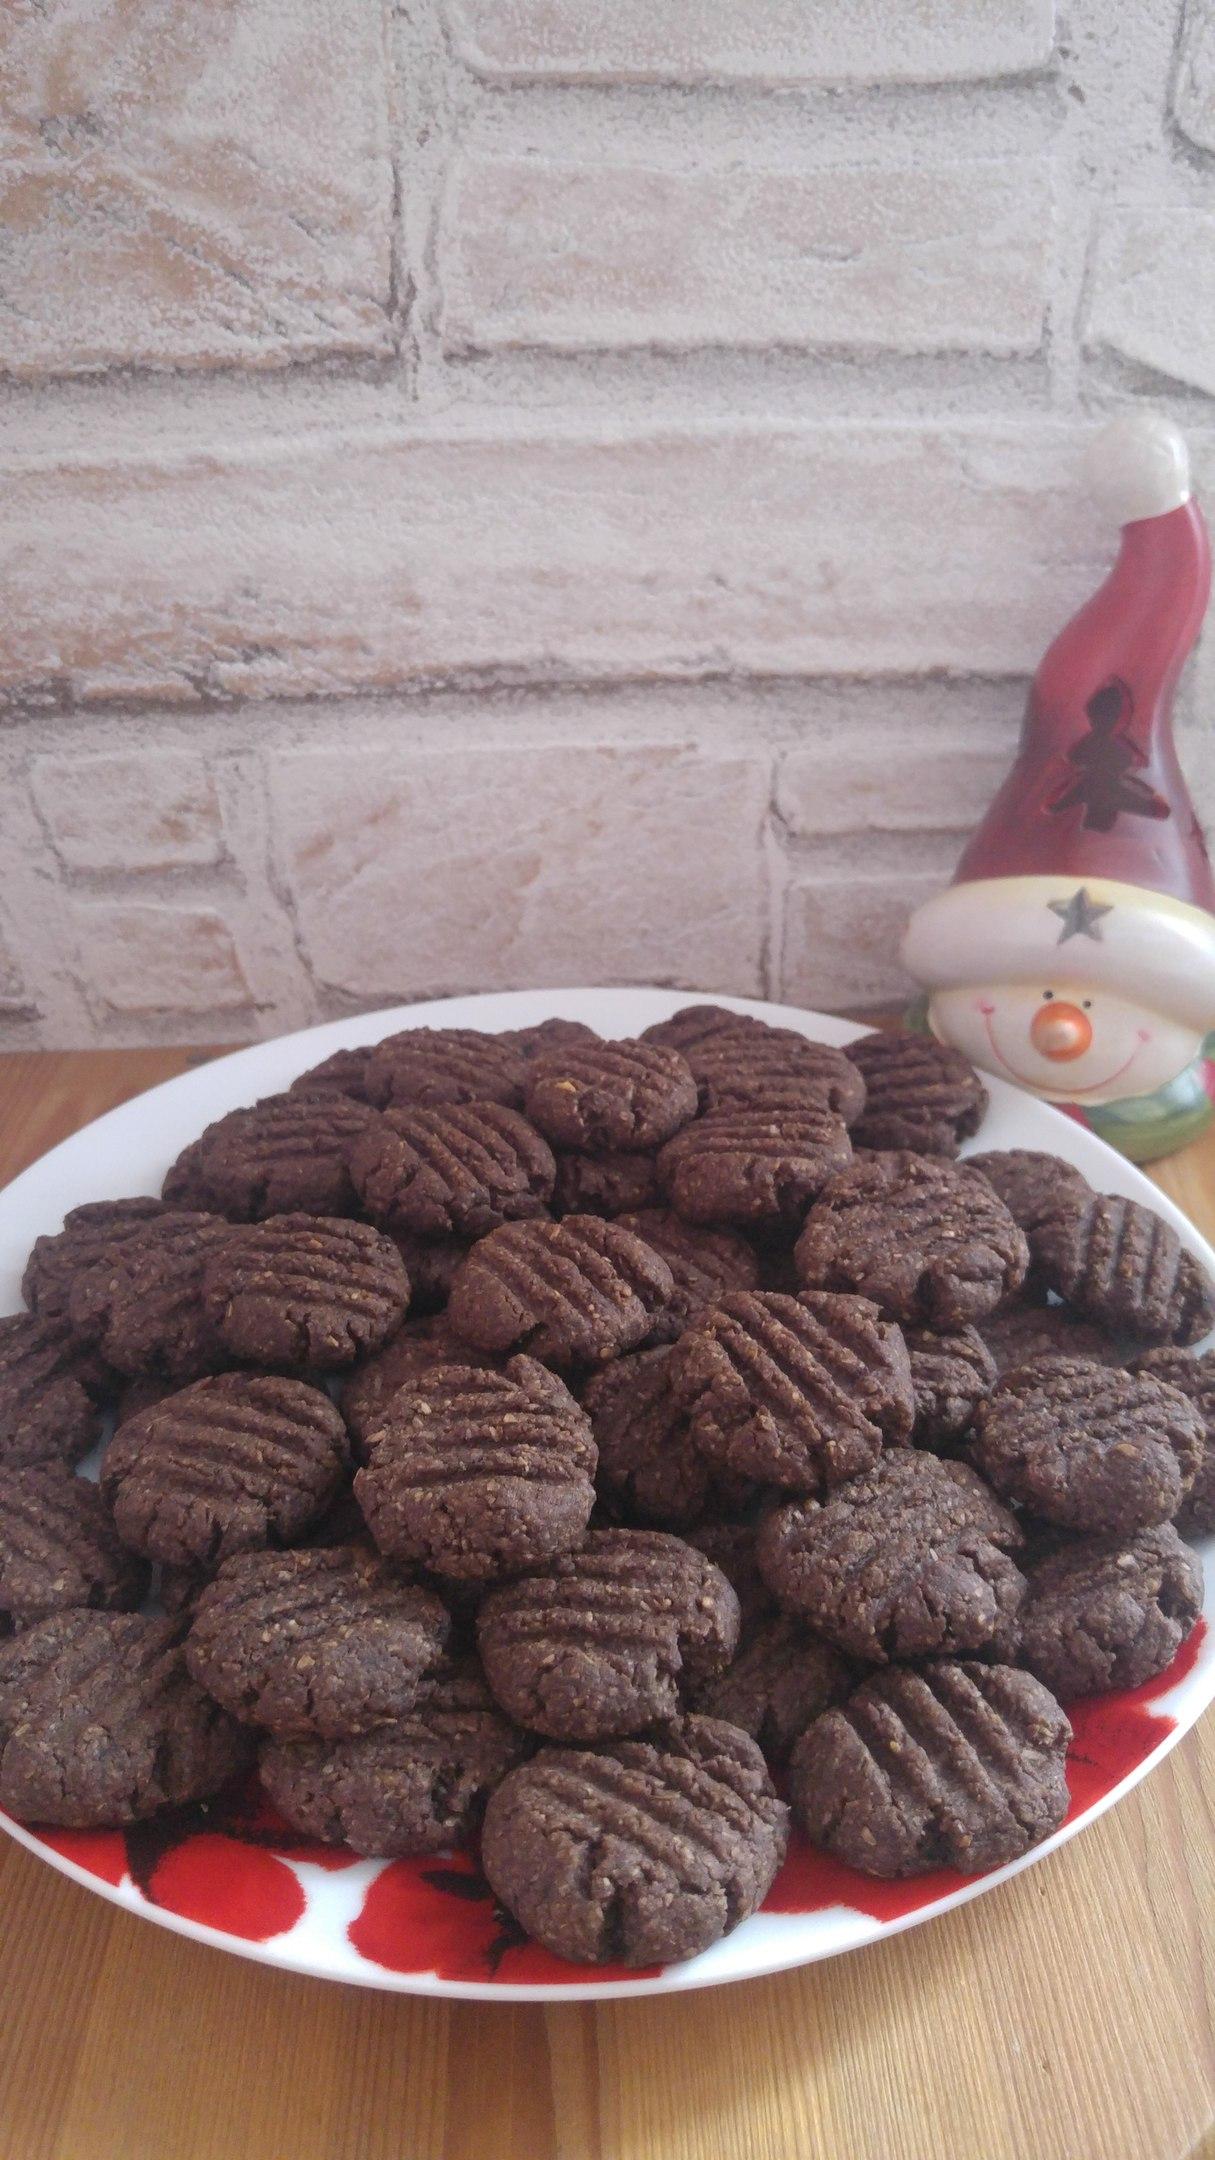 Кухня: Альбом пользователя Eugenia: песочное печенье с какао и кокосом